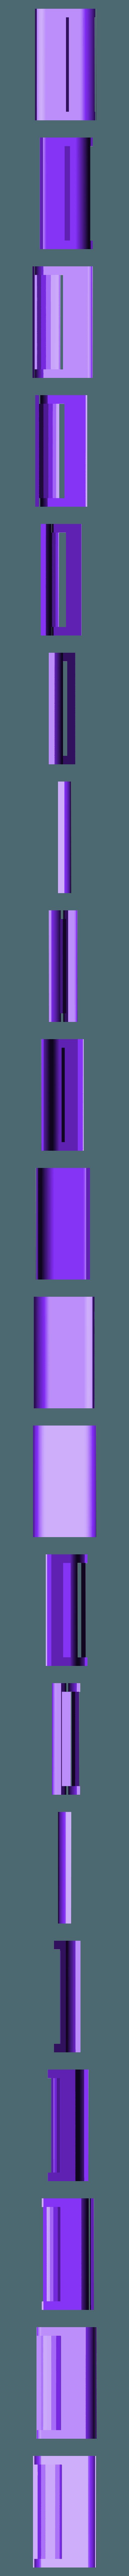 Taser_2.stl Télécharger fichier STL gratuit Pistolet paralysant Taser • Modèle imprimable en 3D, tylerebowers